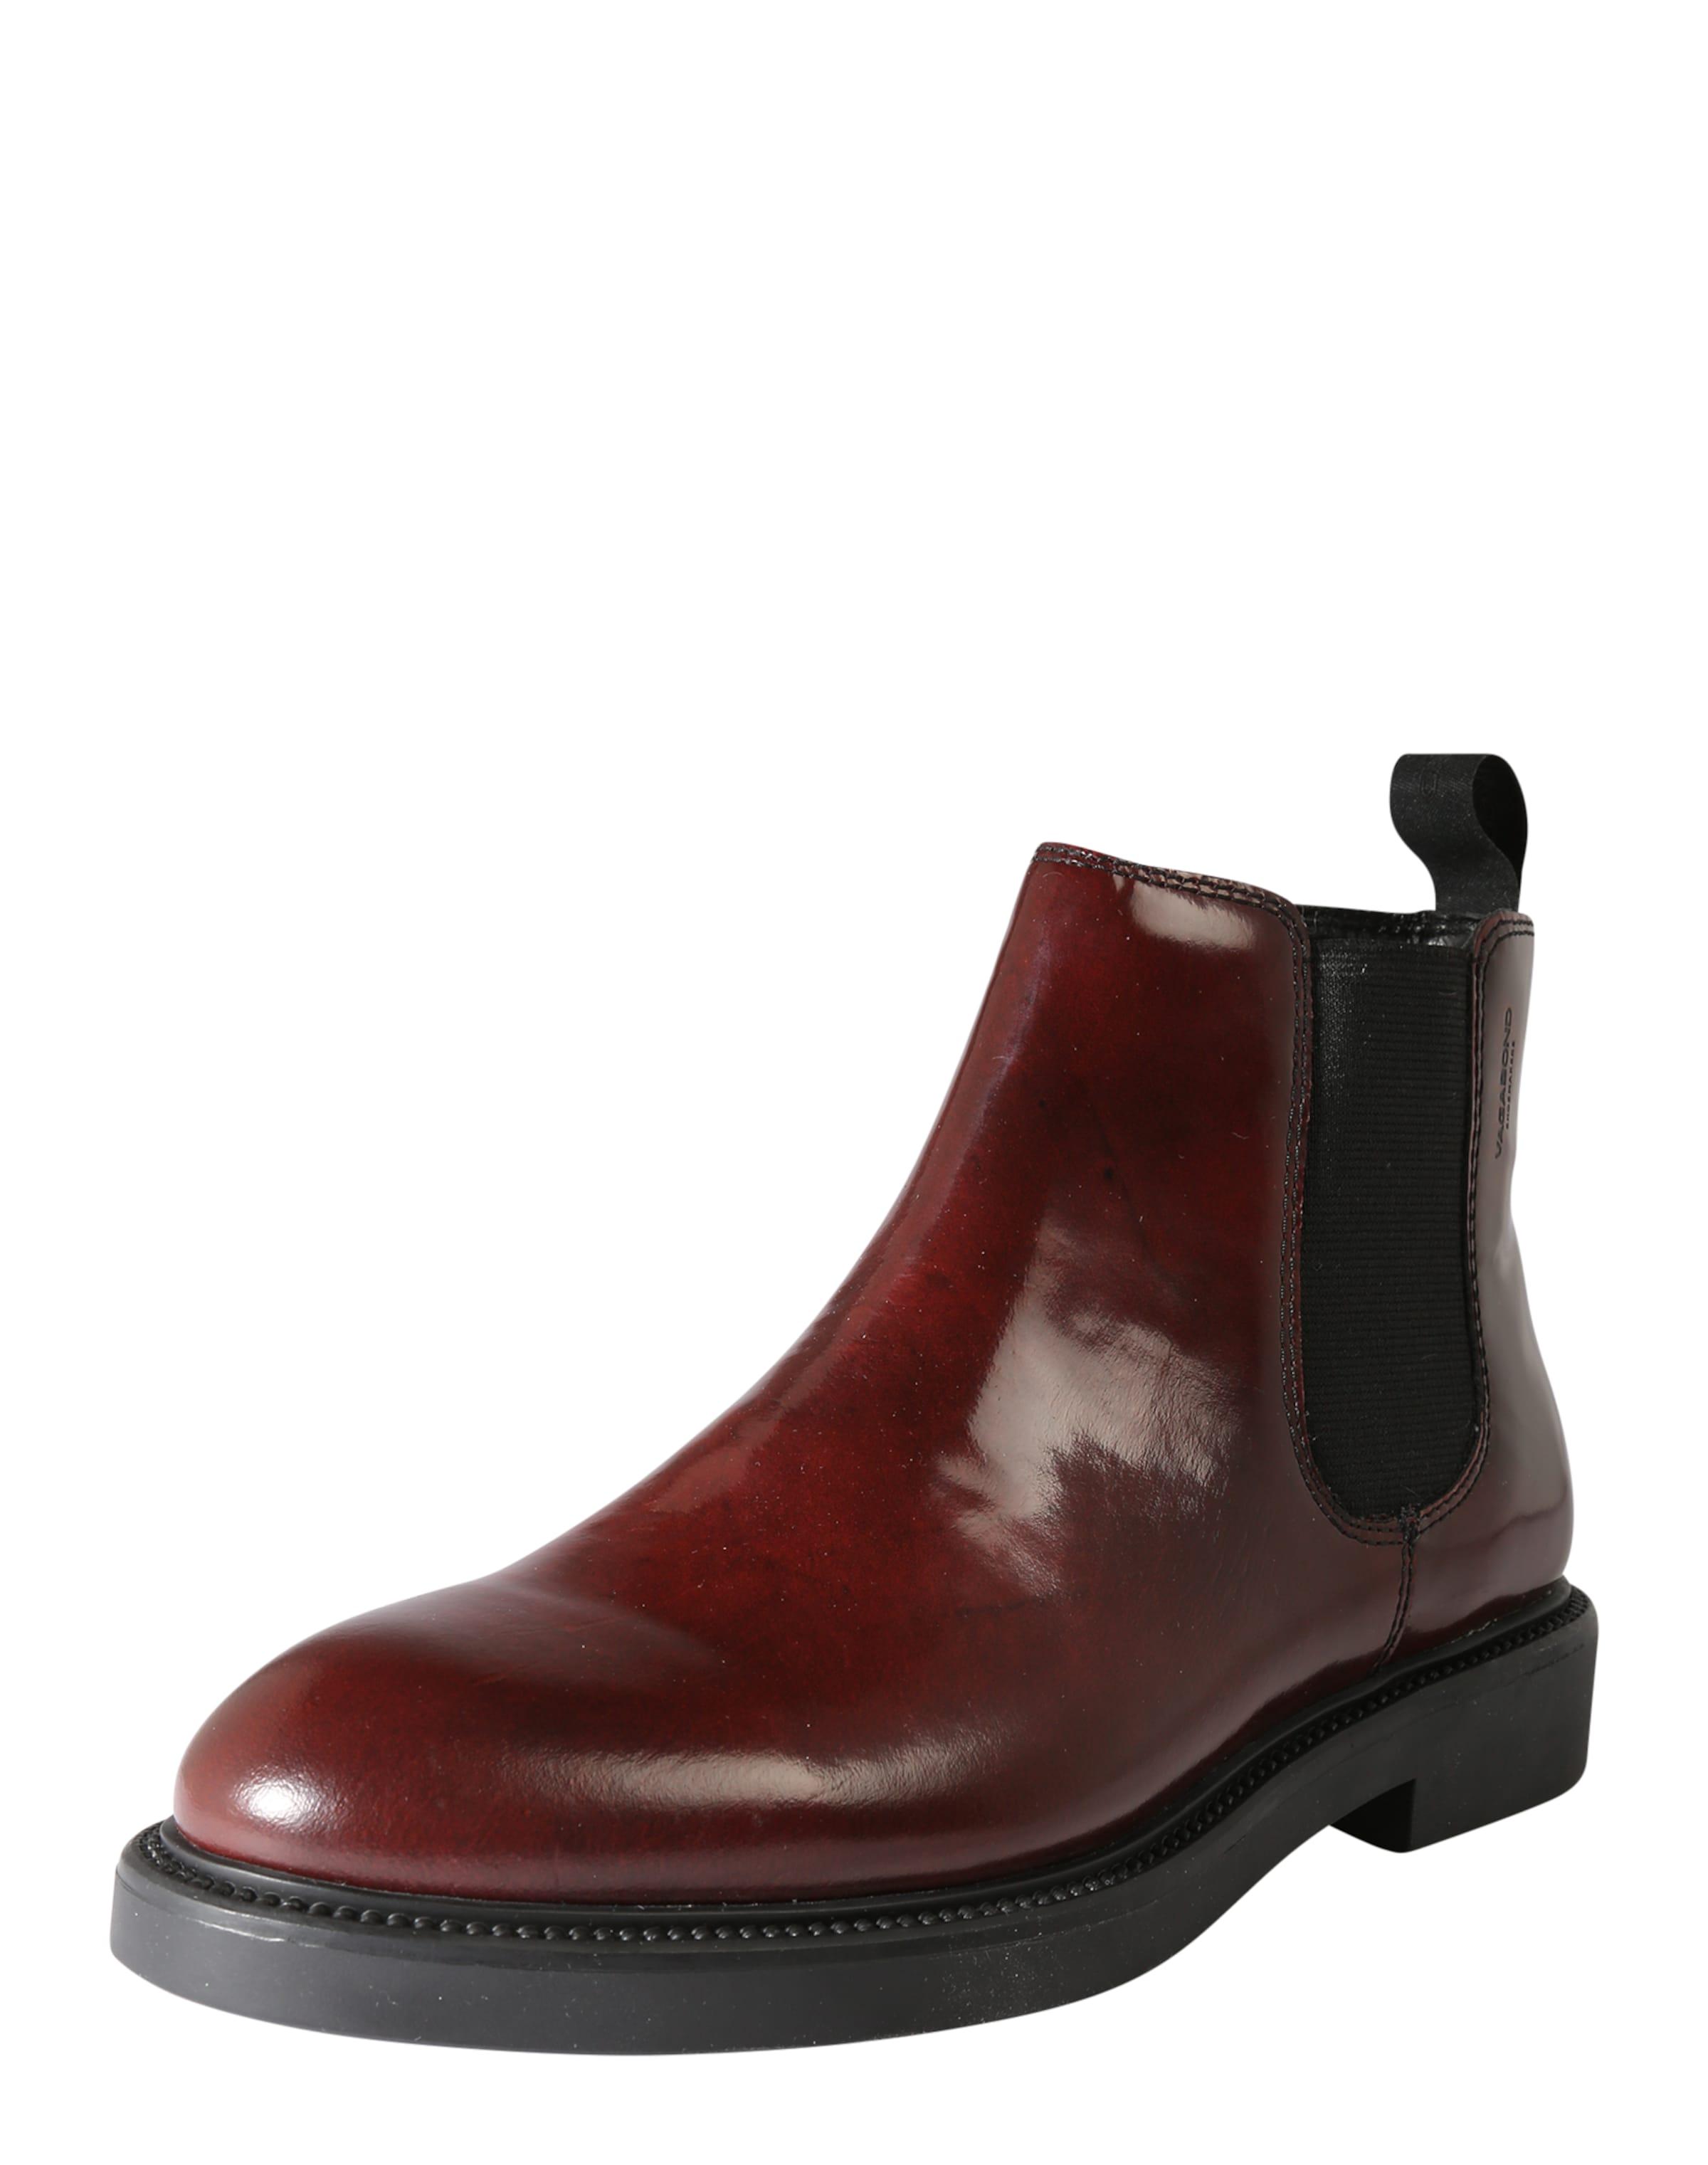 Haltbare Mode billige Schuhe VAGABOND SHOEMAKERS | Stiefeletten 'Alex' Schuhe Gut getragene Schuhe